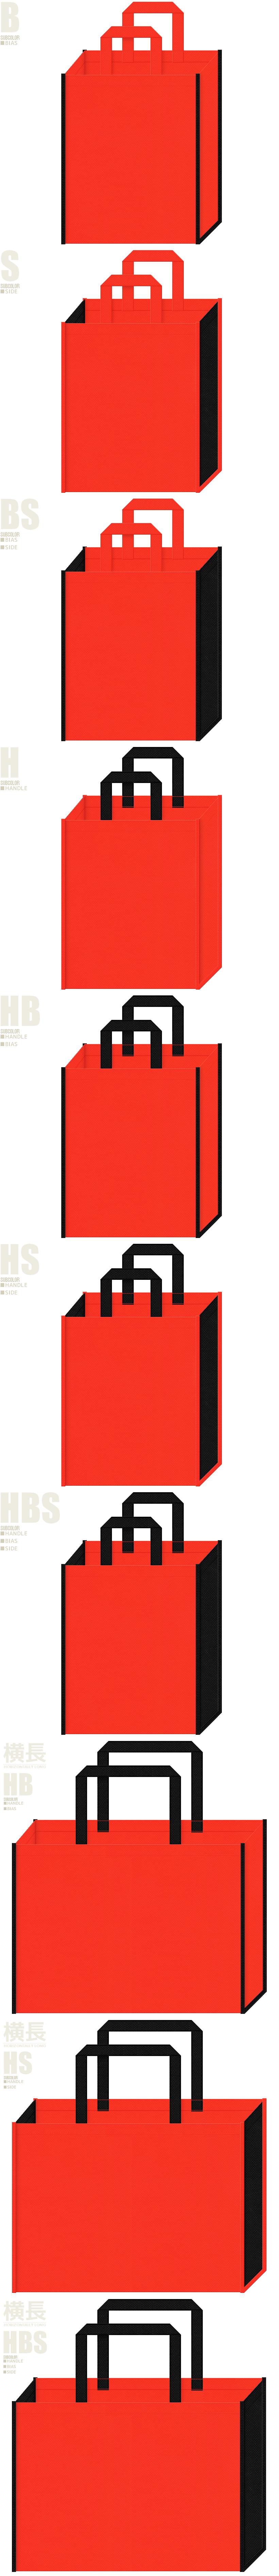 ハロウィン・スポーツイベント・スポーツ用品の展示会用バッグにお奨めの不織布バッグデザイン:オレンジ色と黒色の配色7パターン